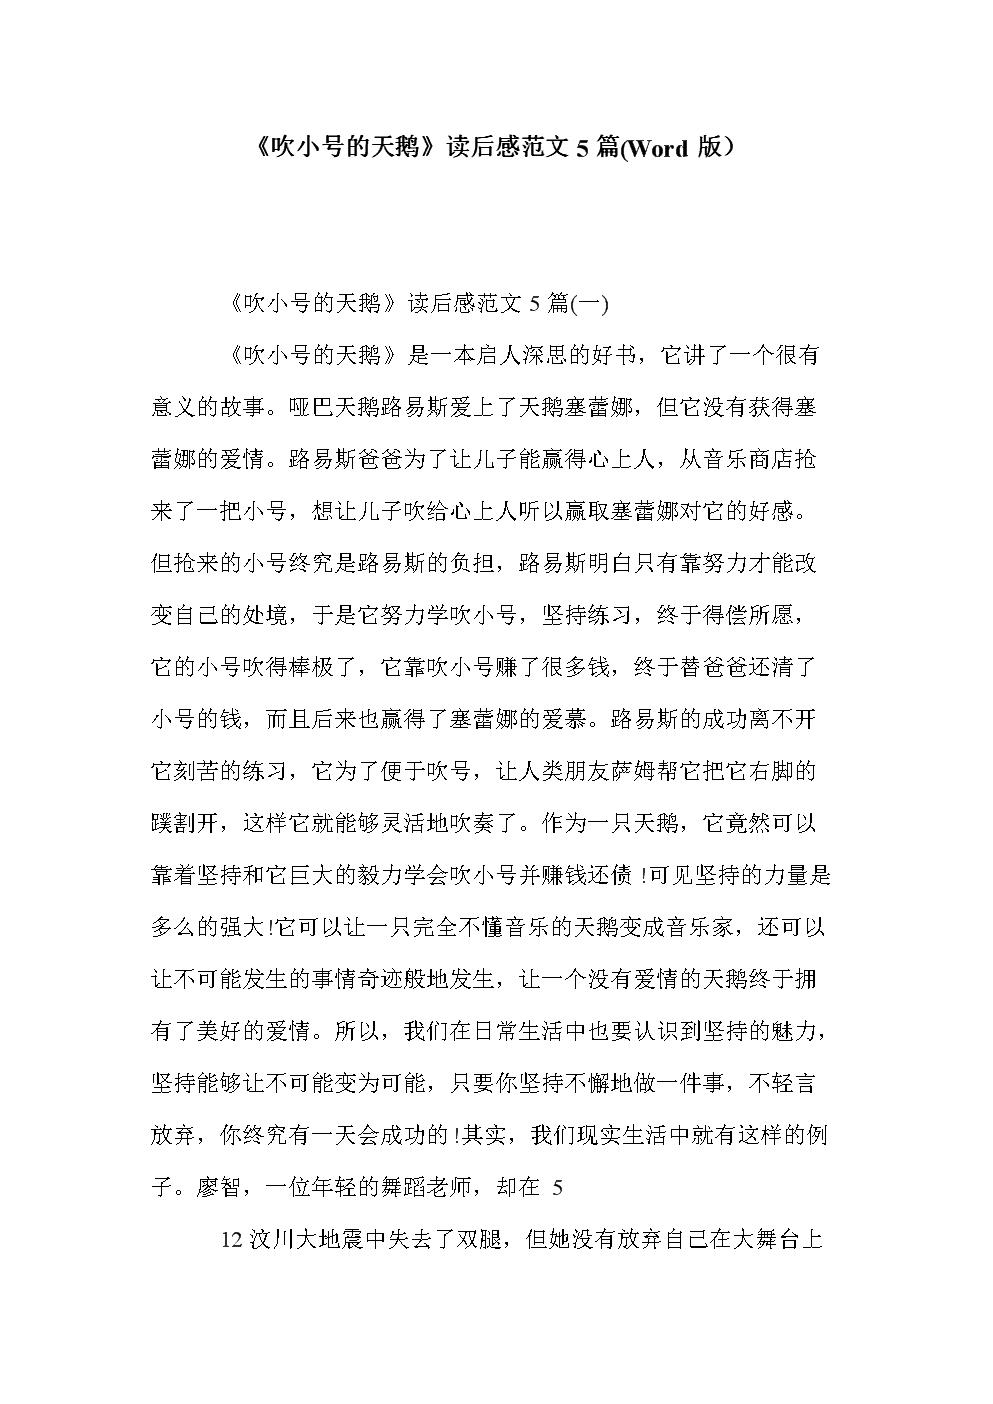 《吹小号的天鹅》读后感范文5篇(Word版).doc